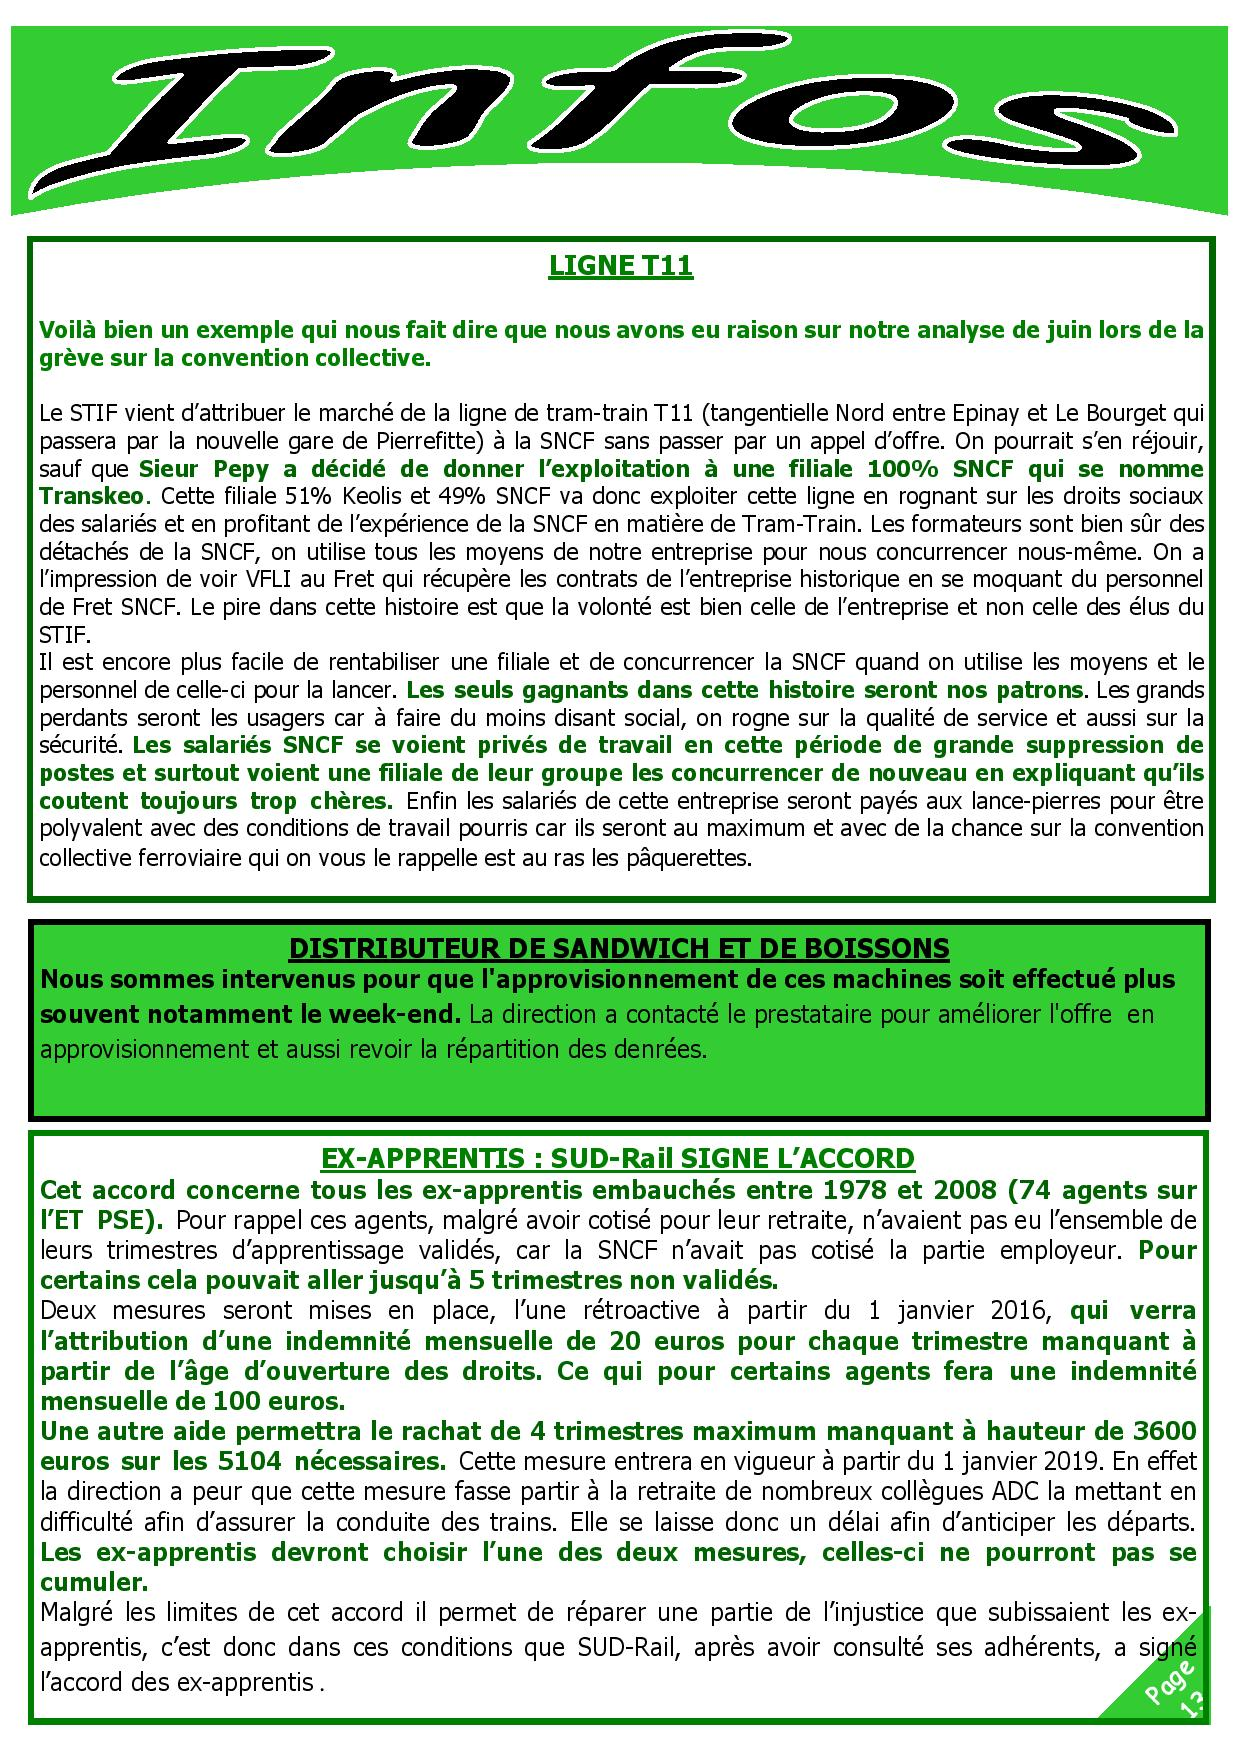 et-pse-crdp-11-2016-page-013